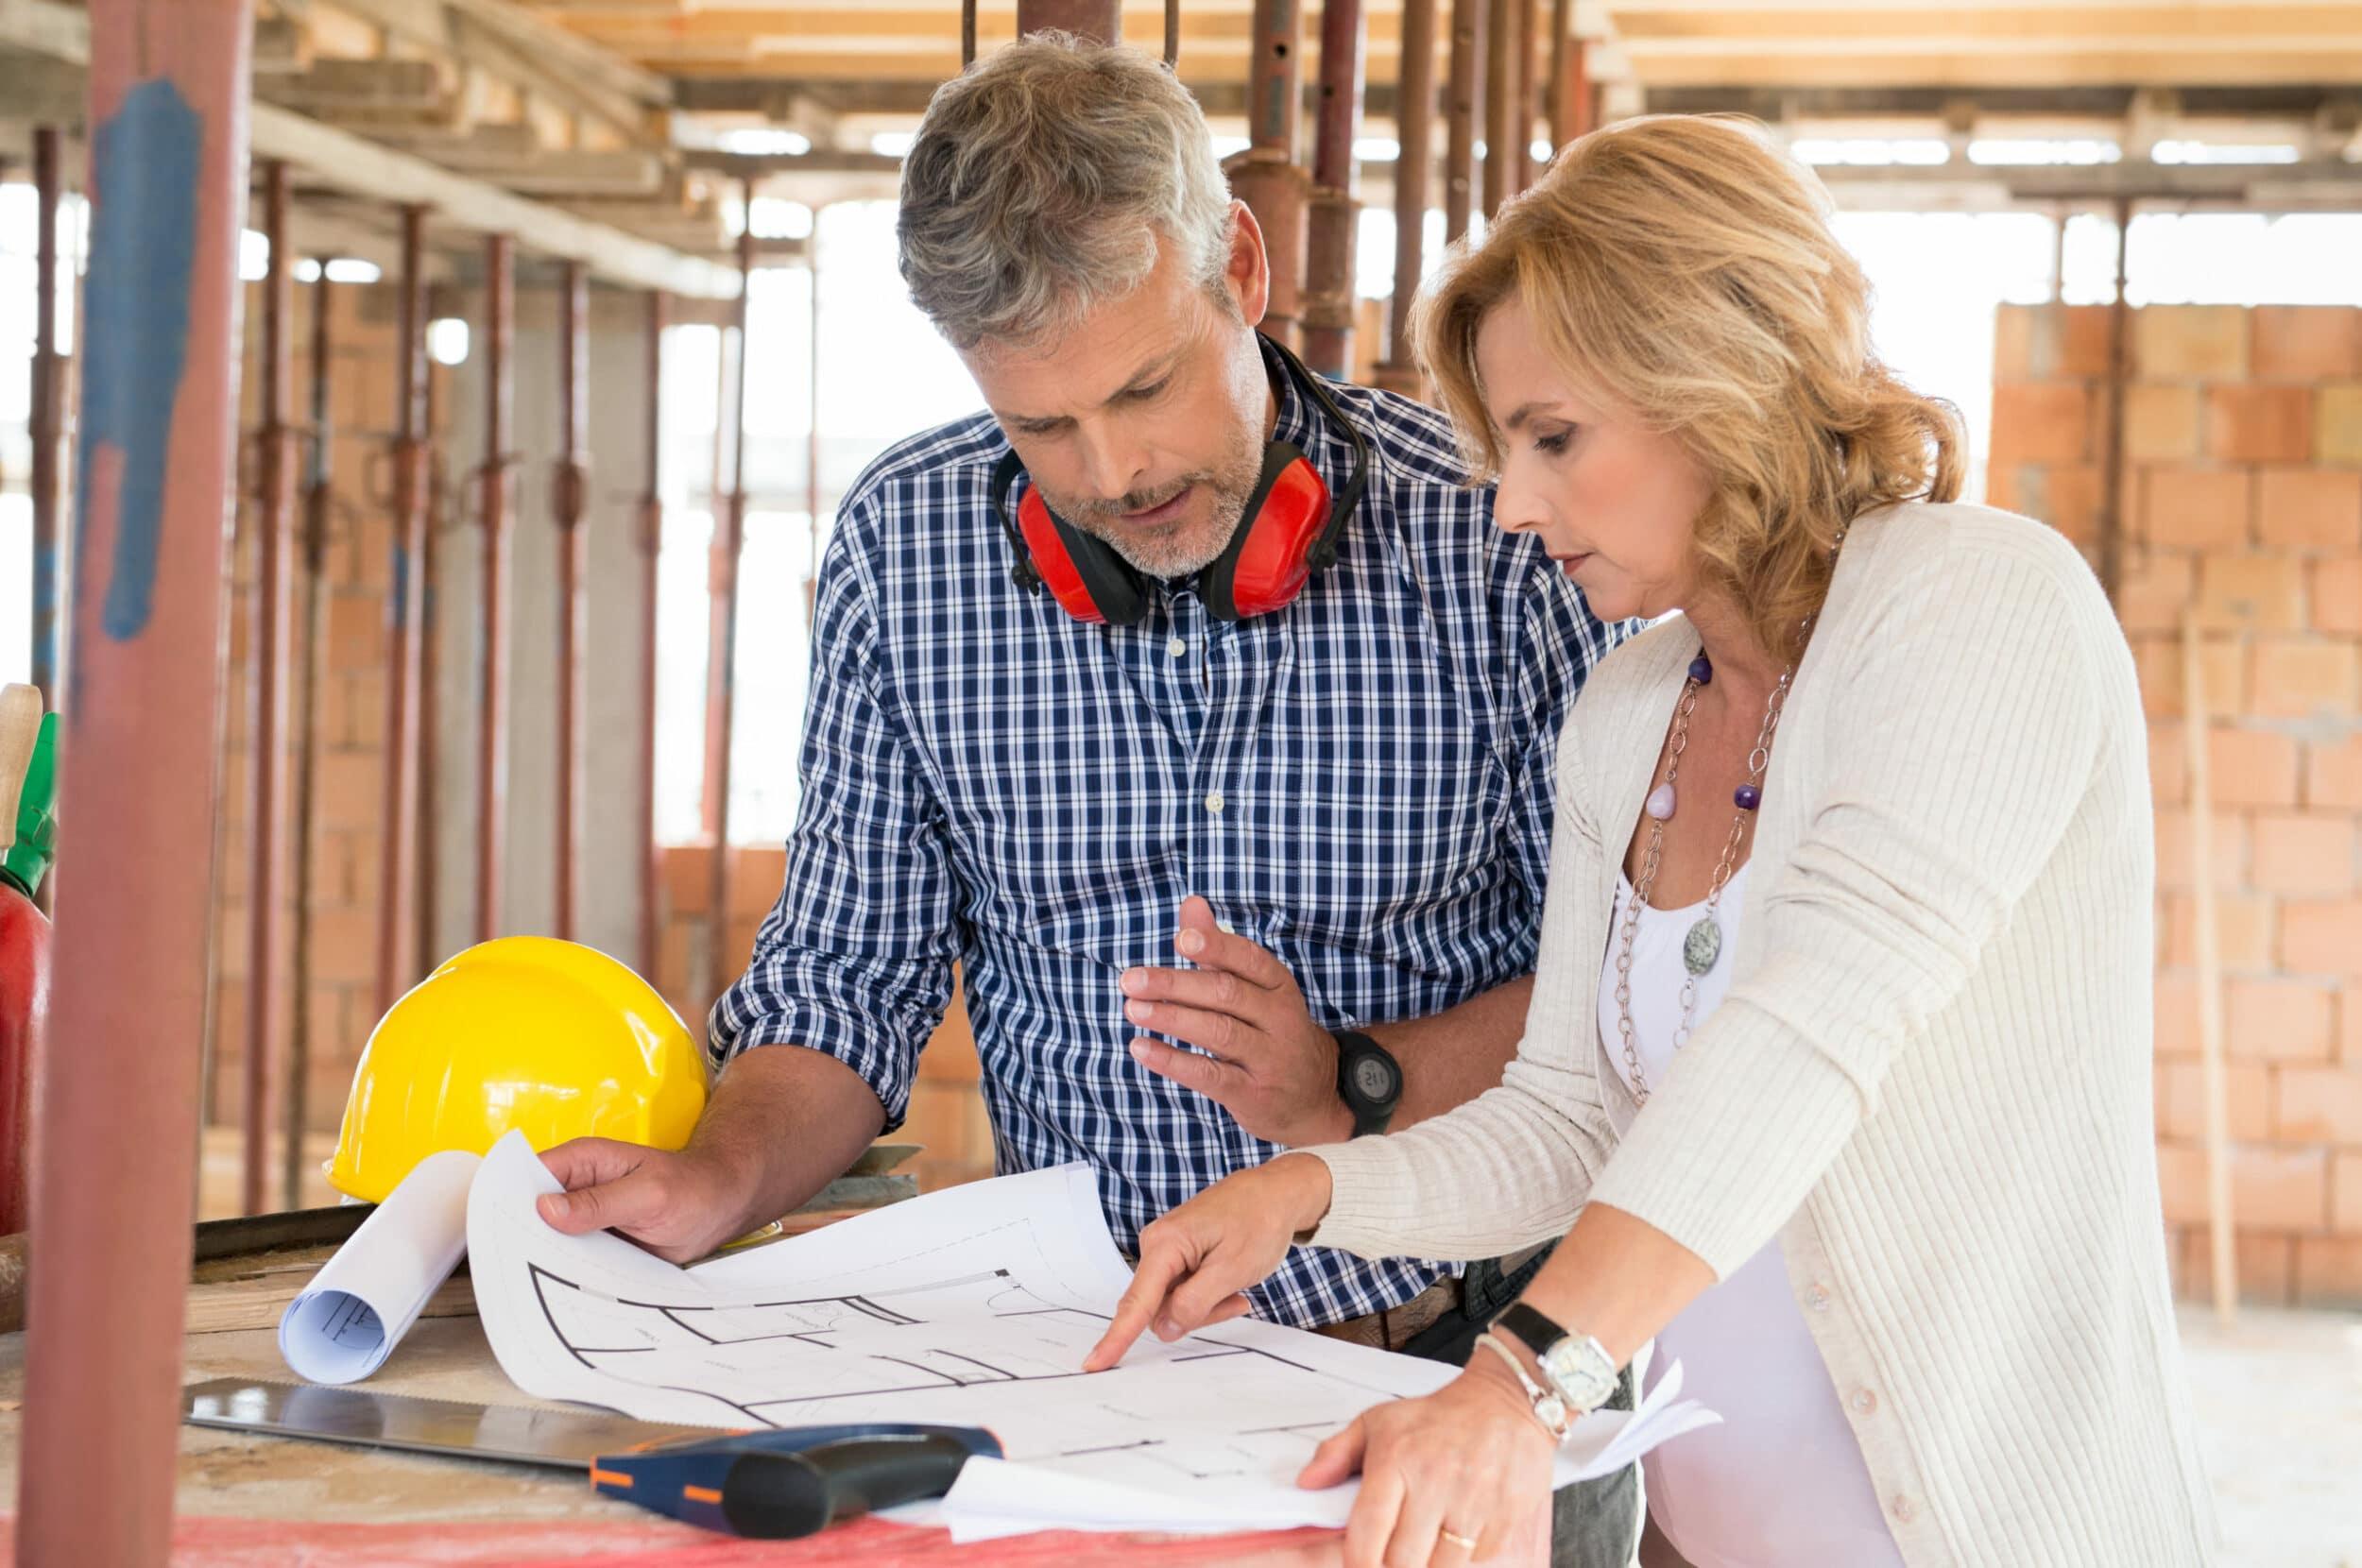 Vrouw overlegt met aannemer over haar nieuwbouw op plan - Chateau Residenties